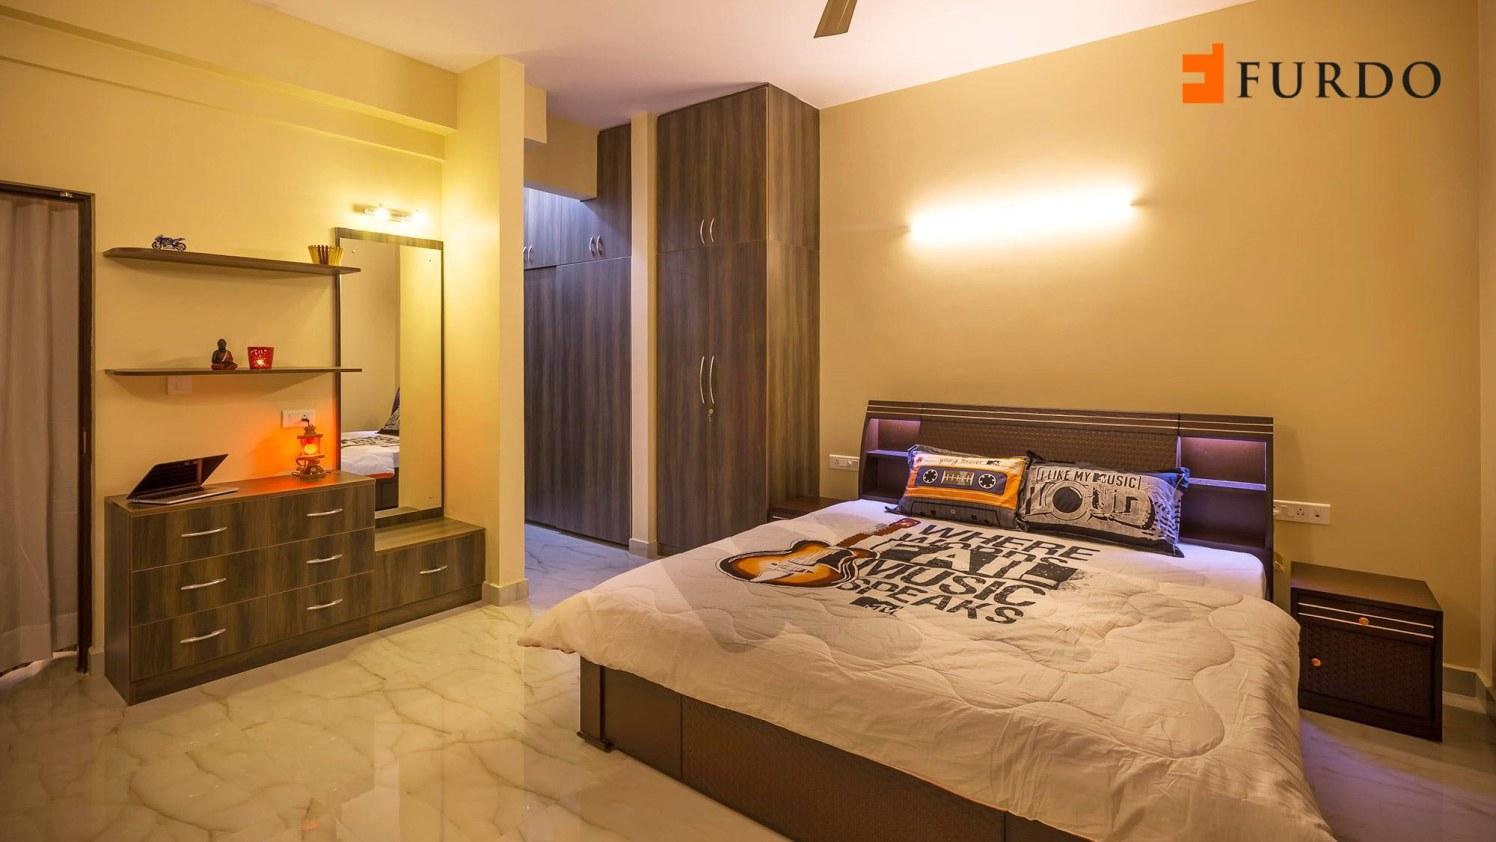 Bedroom With Marble Flooring by Furdo.com Bedroom Contemporary | Interior Design Photos & Ideas